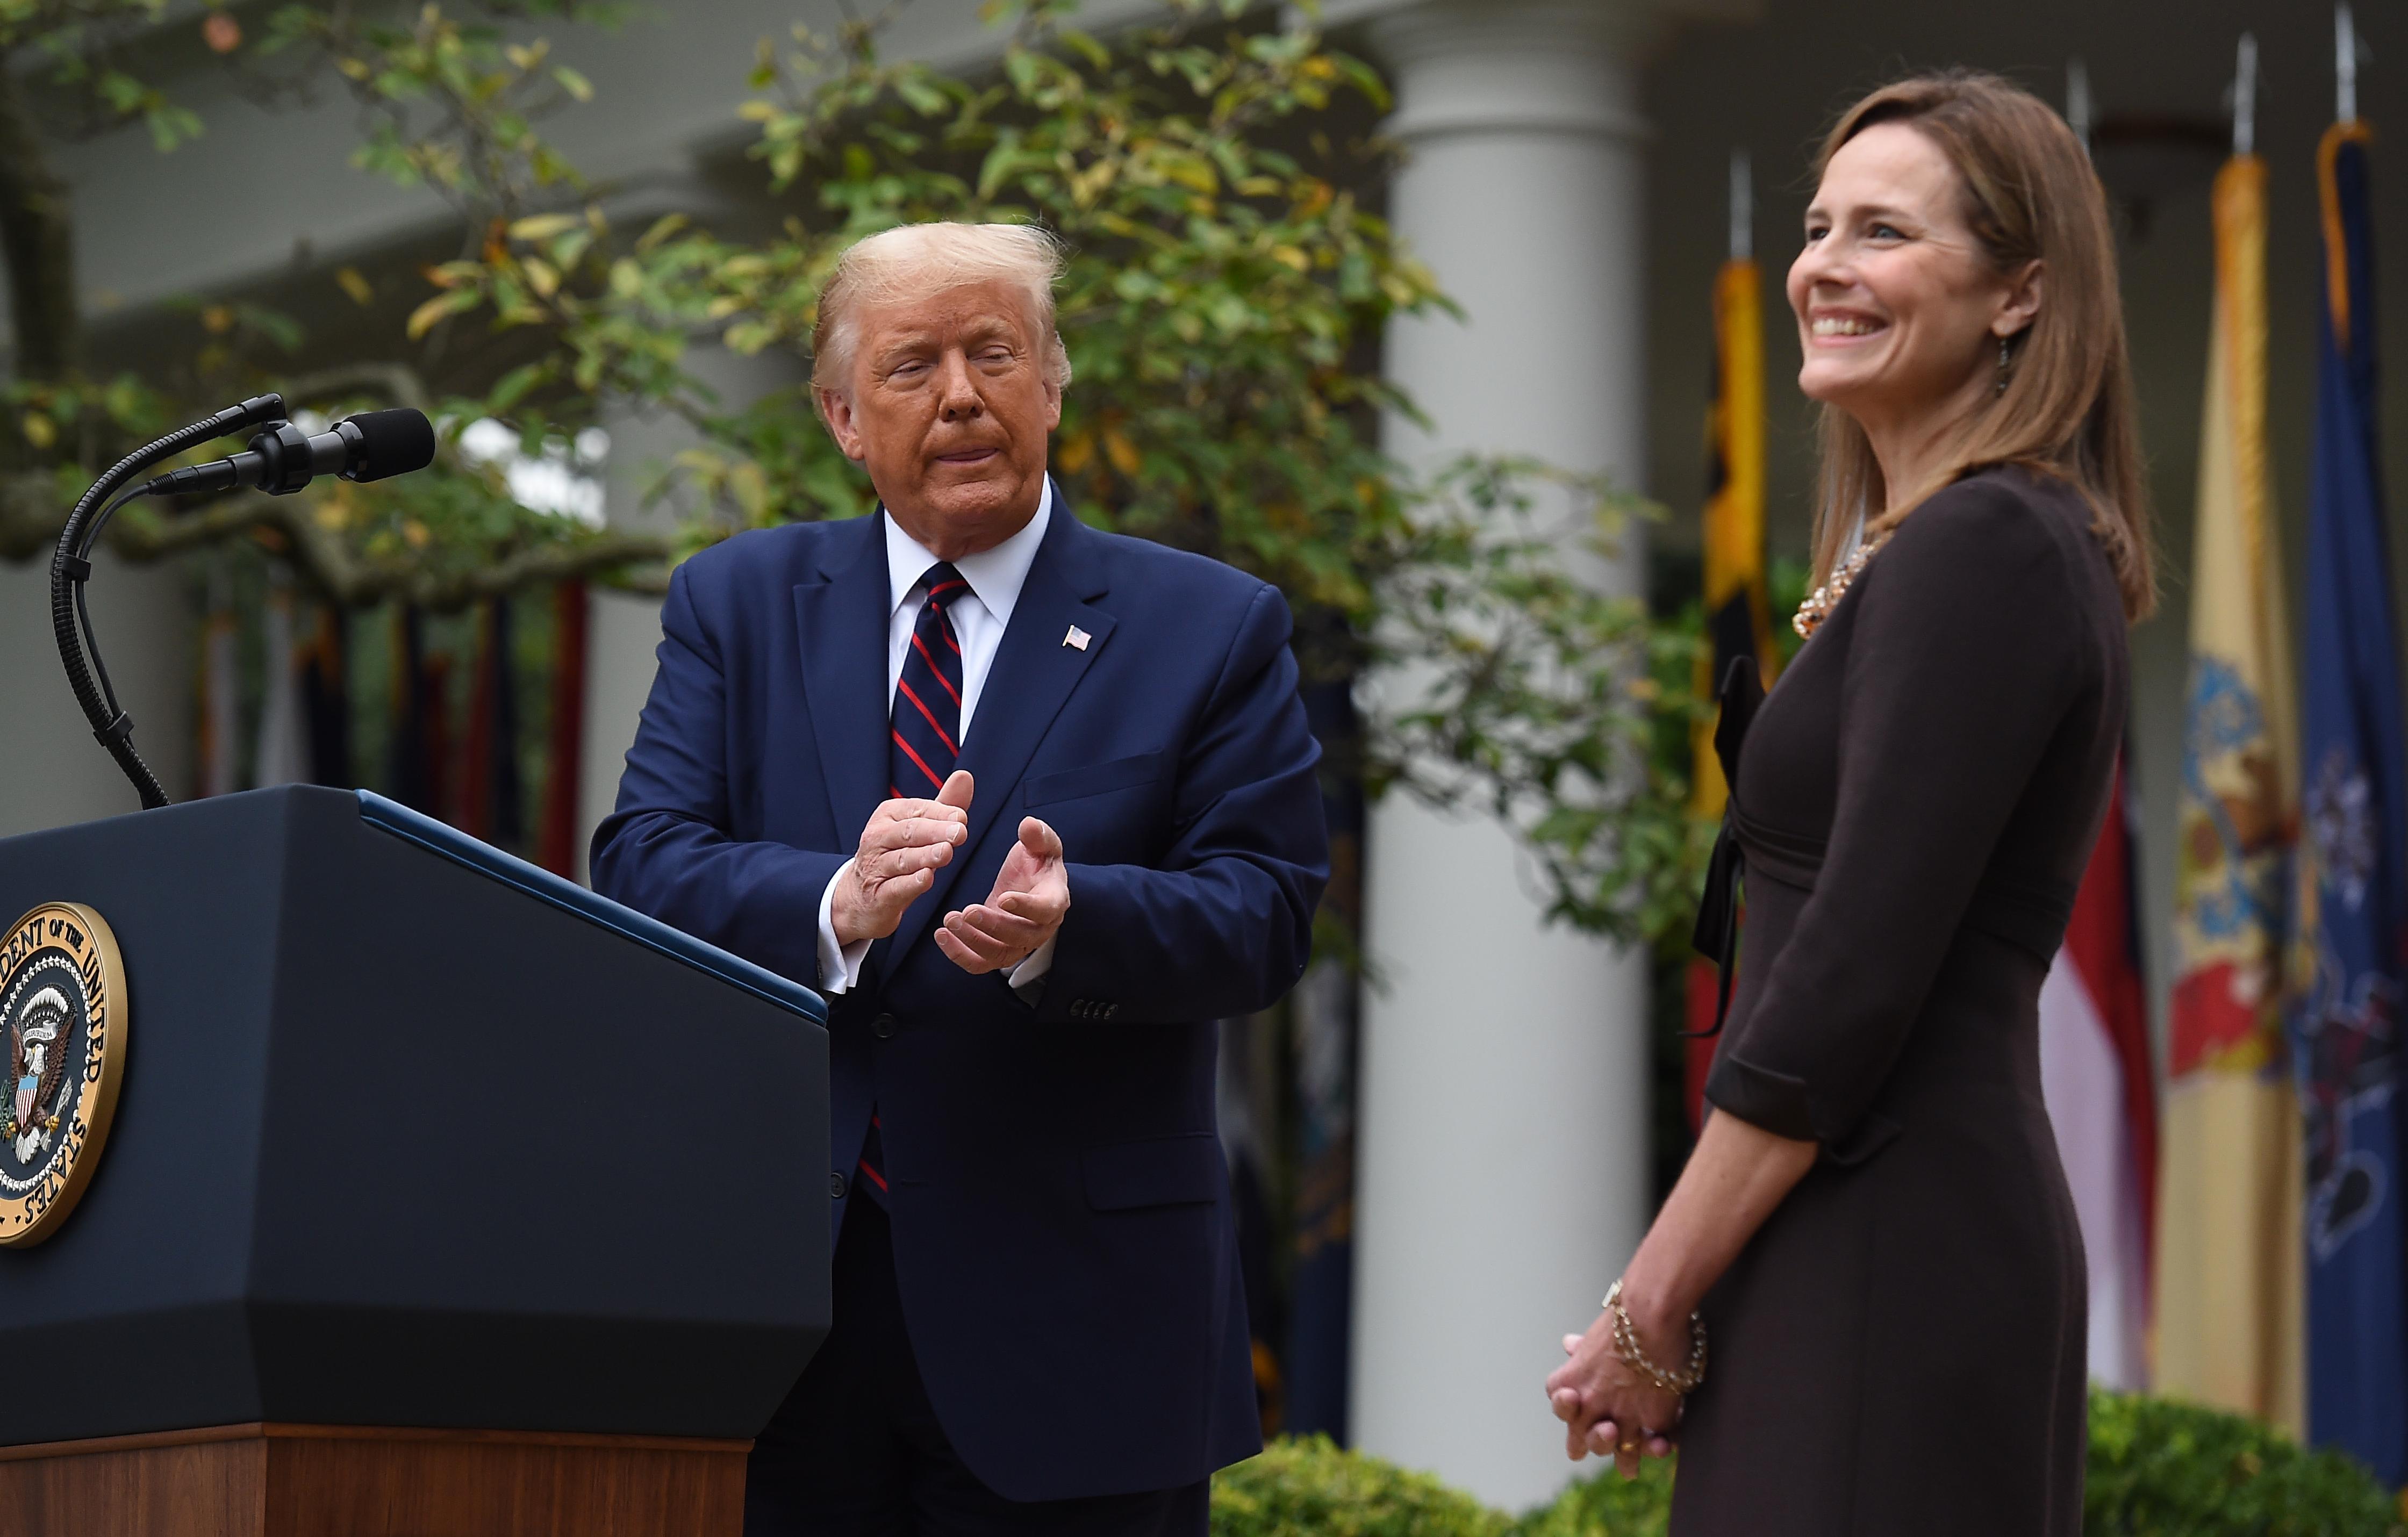 Donald Trump bemutatta az új főbírójelöltjét